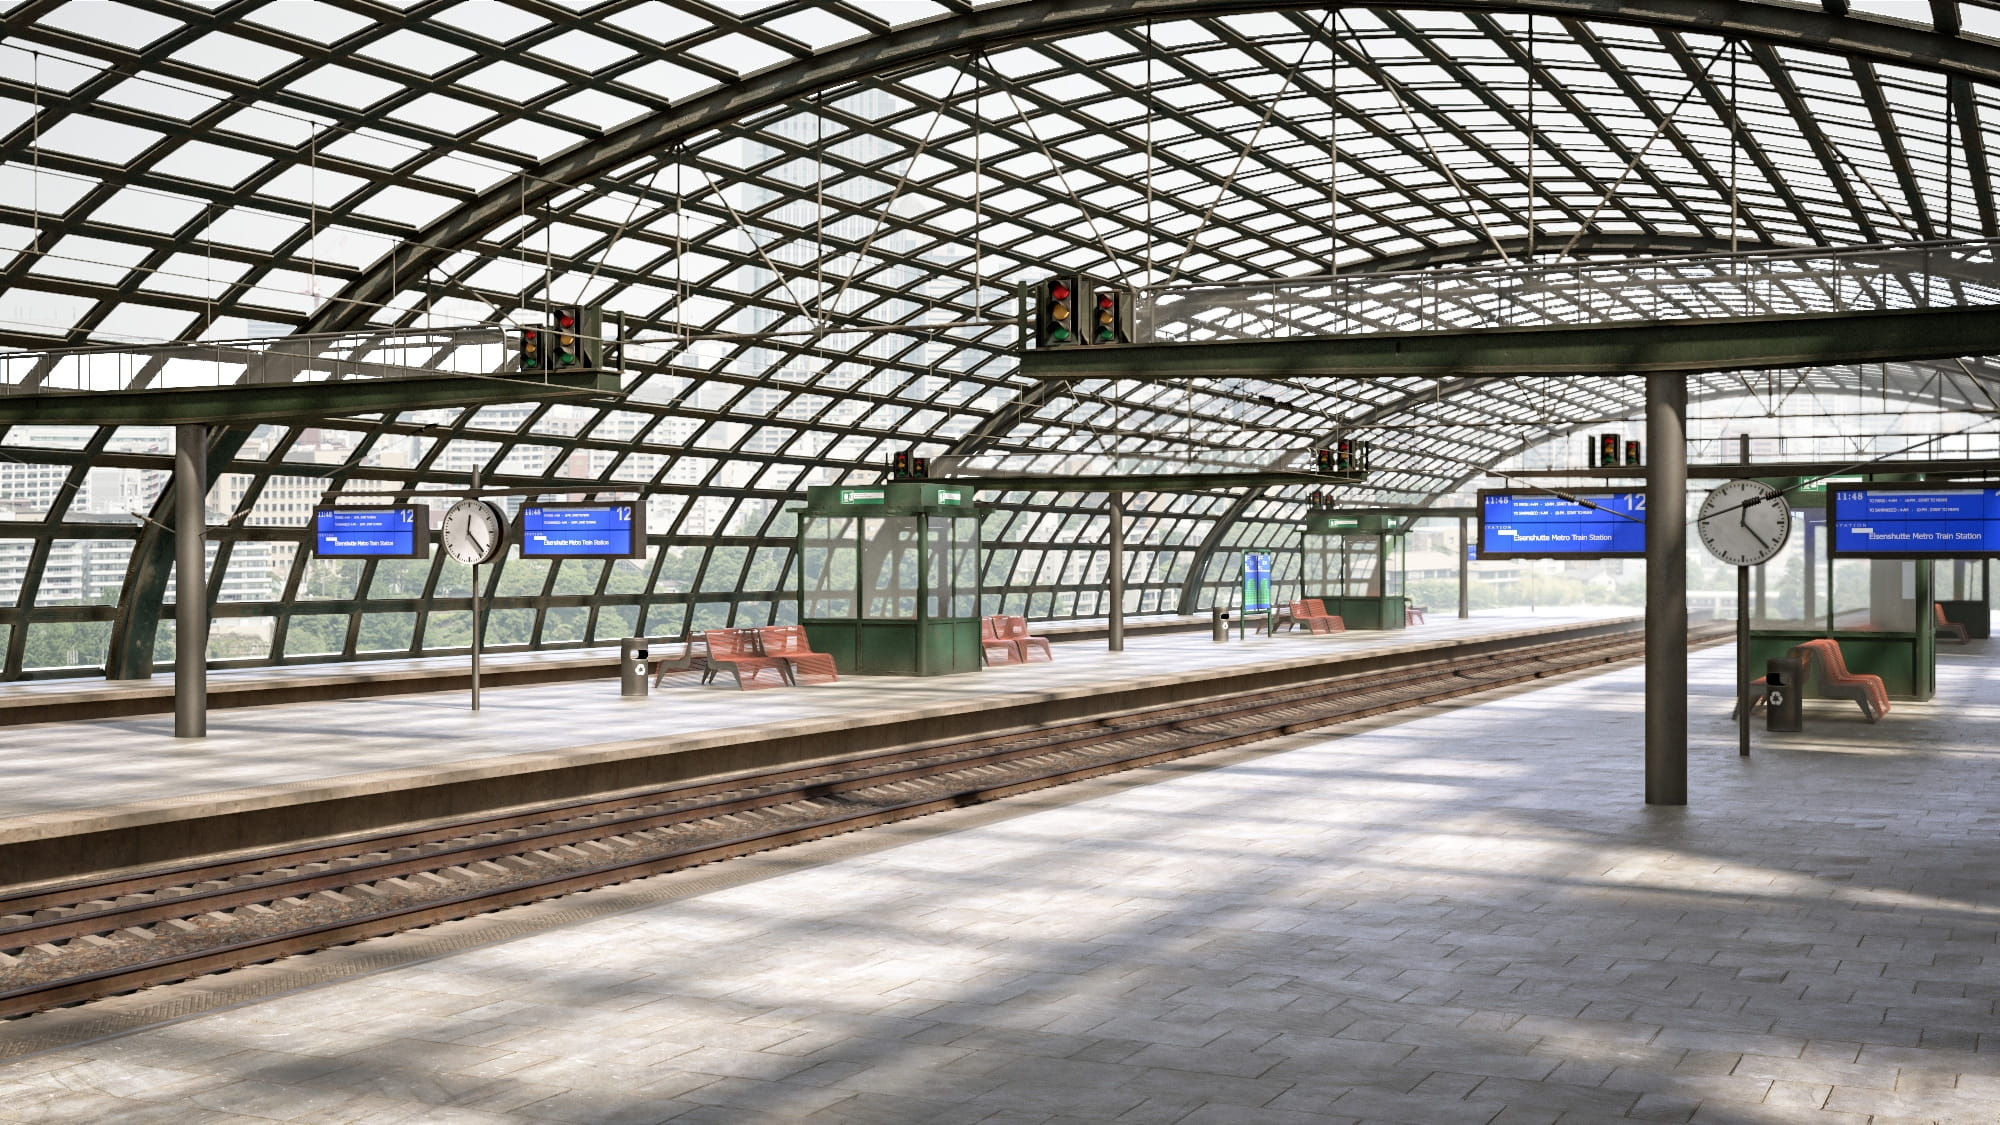 railway station 35 AM223 Archmodels